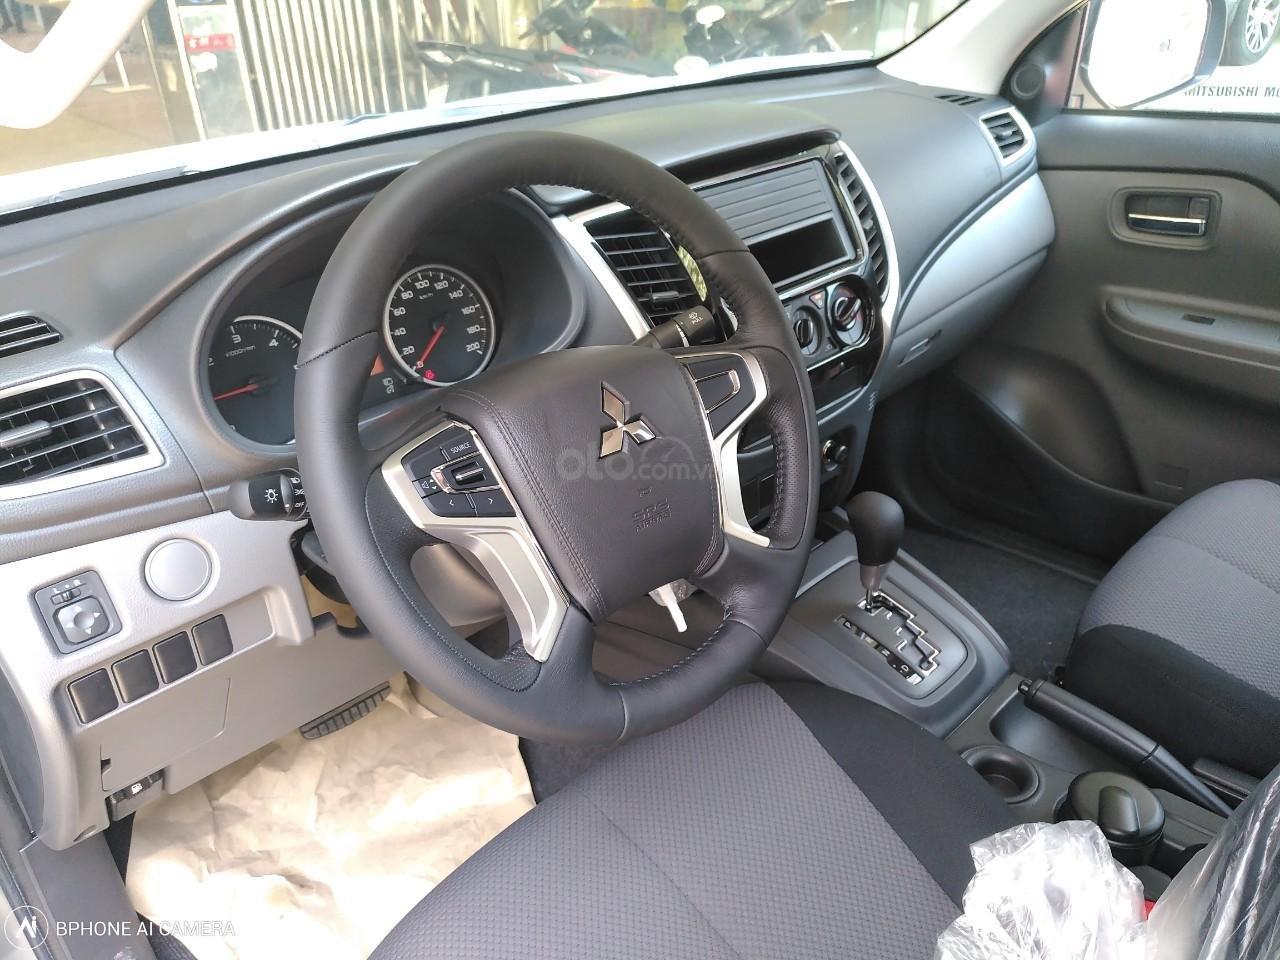 Cần bán Mitsubishi Triton 4x2 AT đời 2019, màu nâu, giá 585tr, LH 0934515226 để được nhận ưu đãi lớn (5)